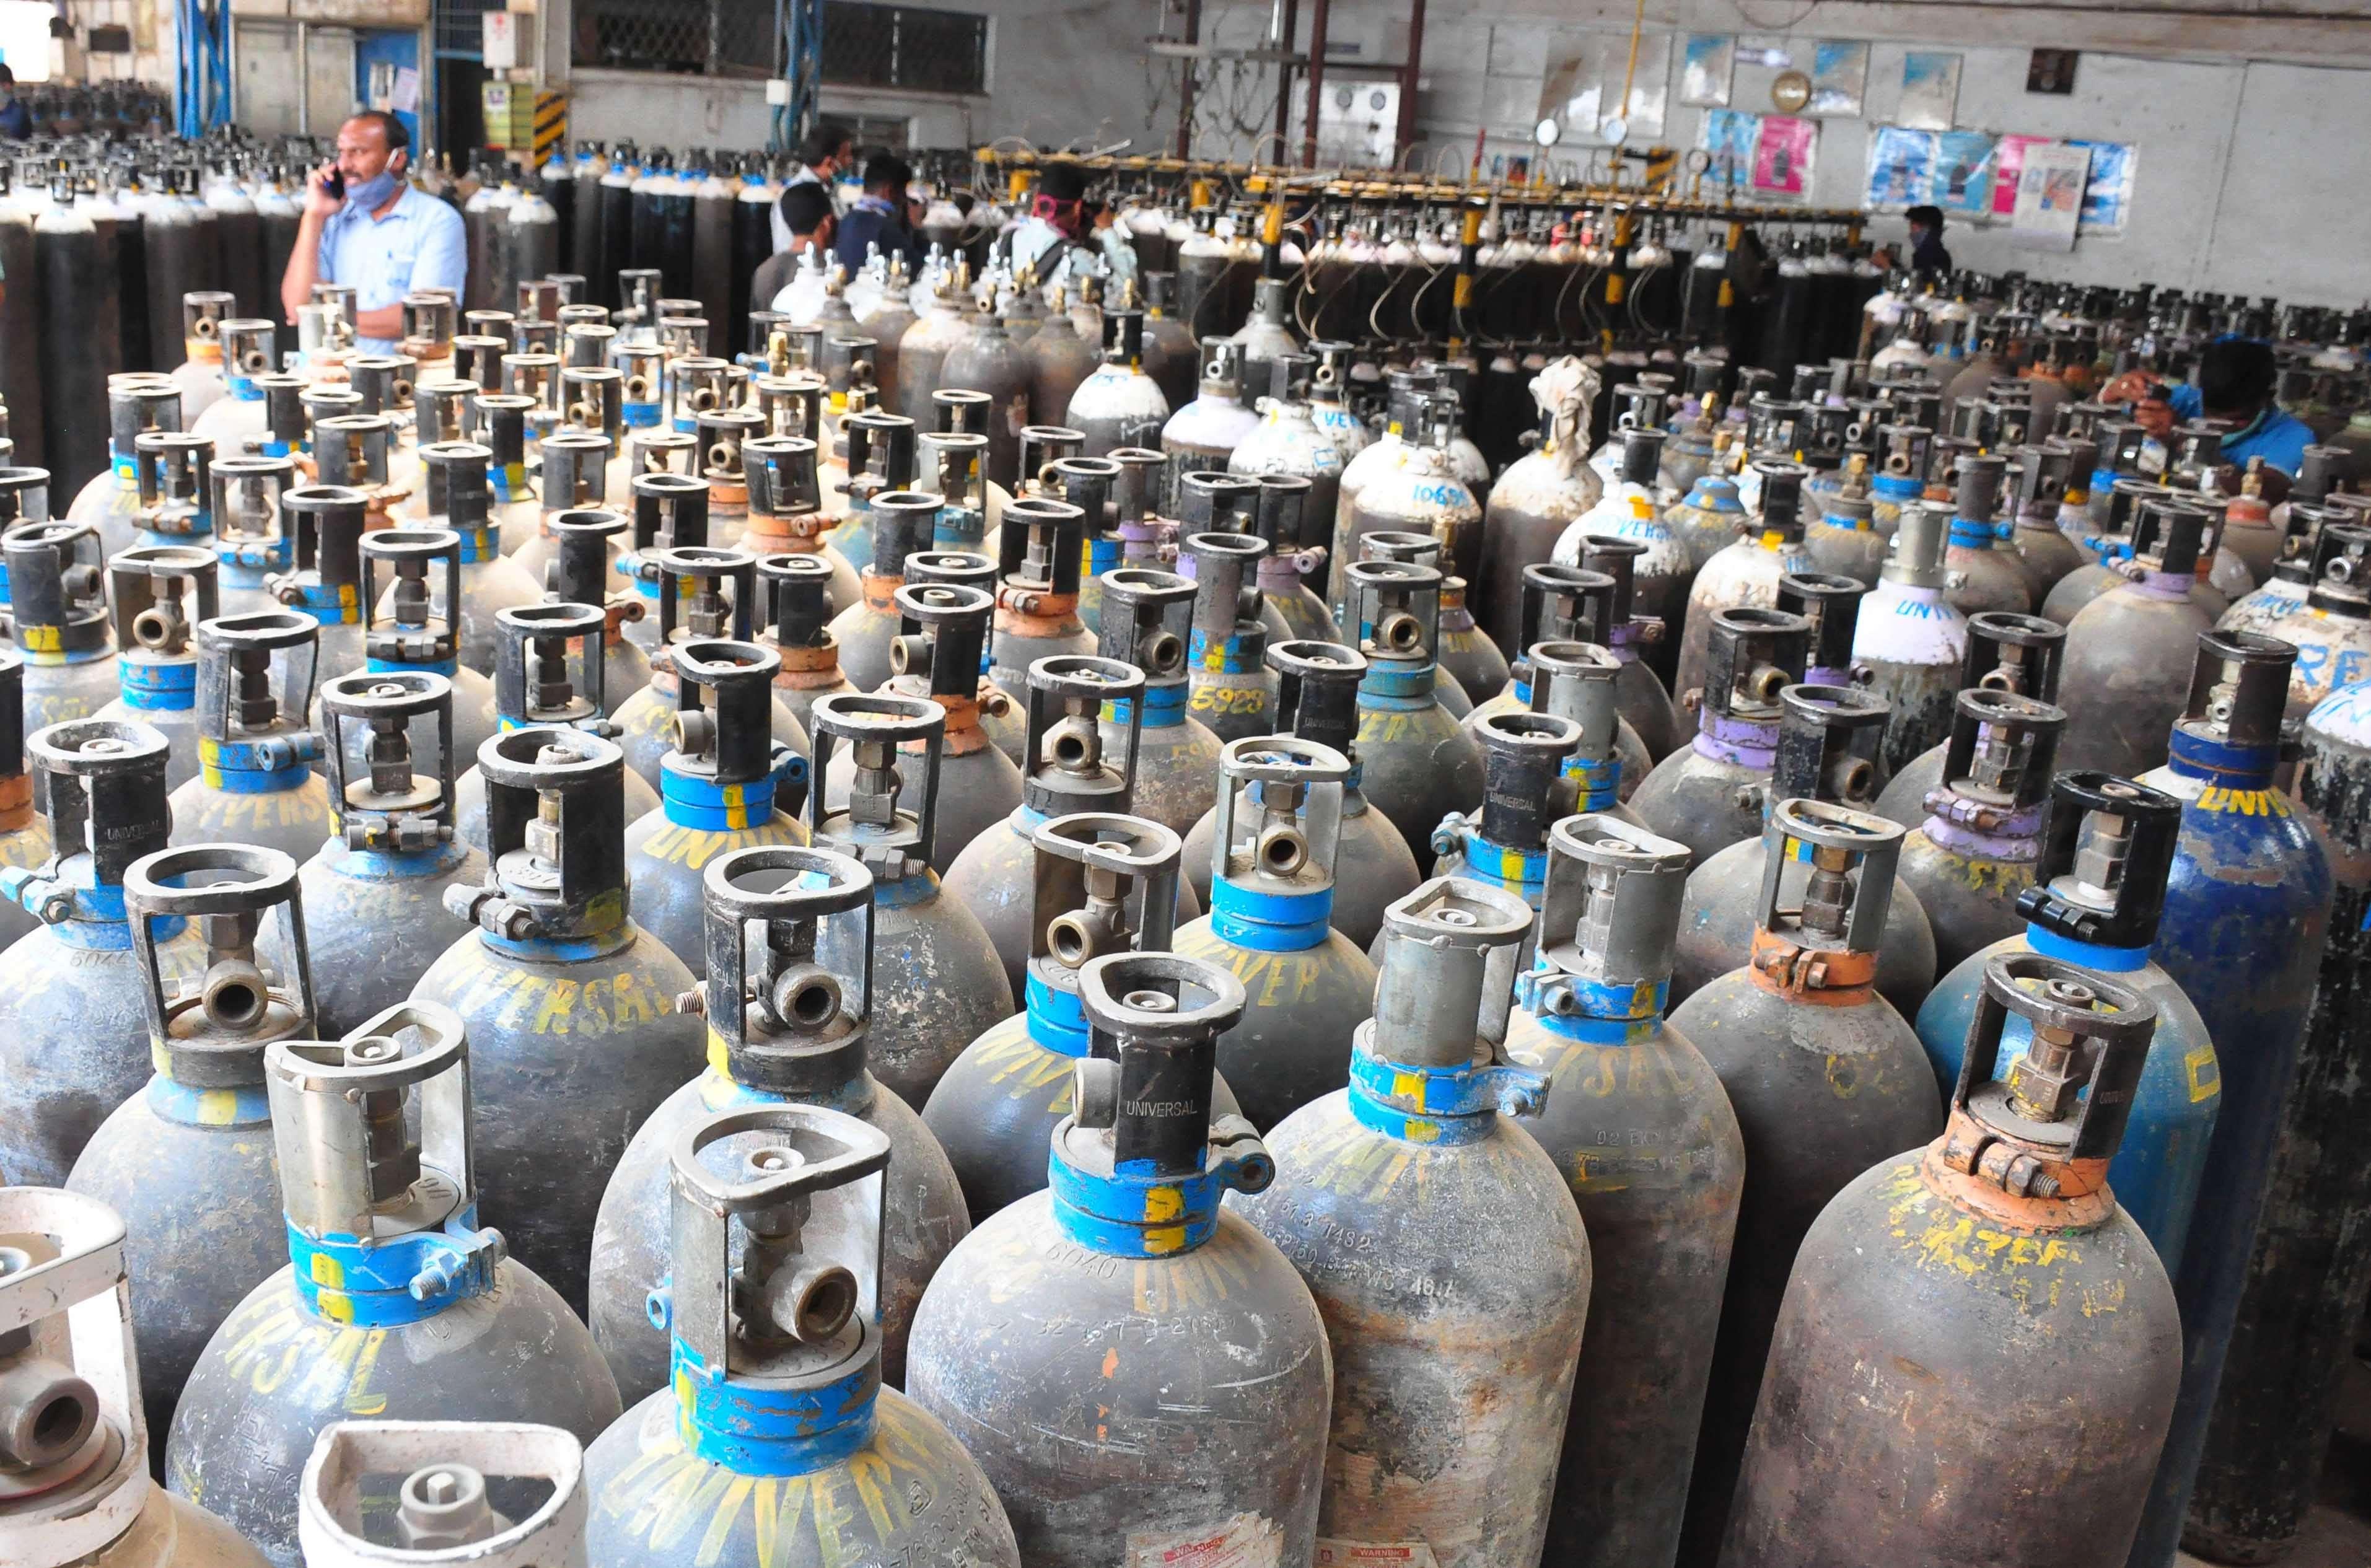 कर्नाटक में रेमडेसिविर या ऑक्सीजन की दिक्कत को तो इस नंबर पर कॉल करें, सरकार करेगी मदद